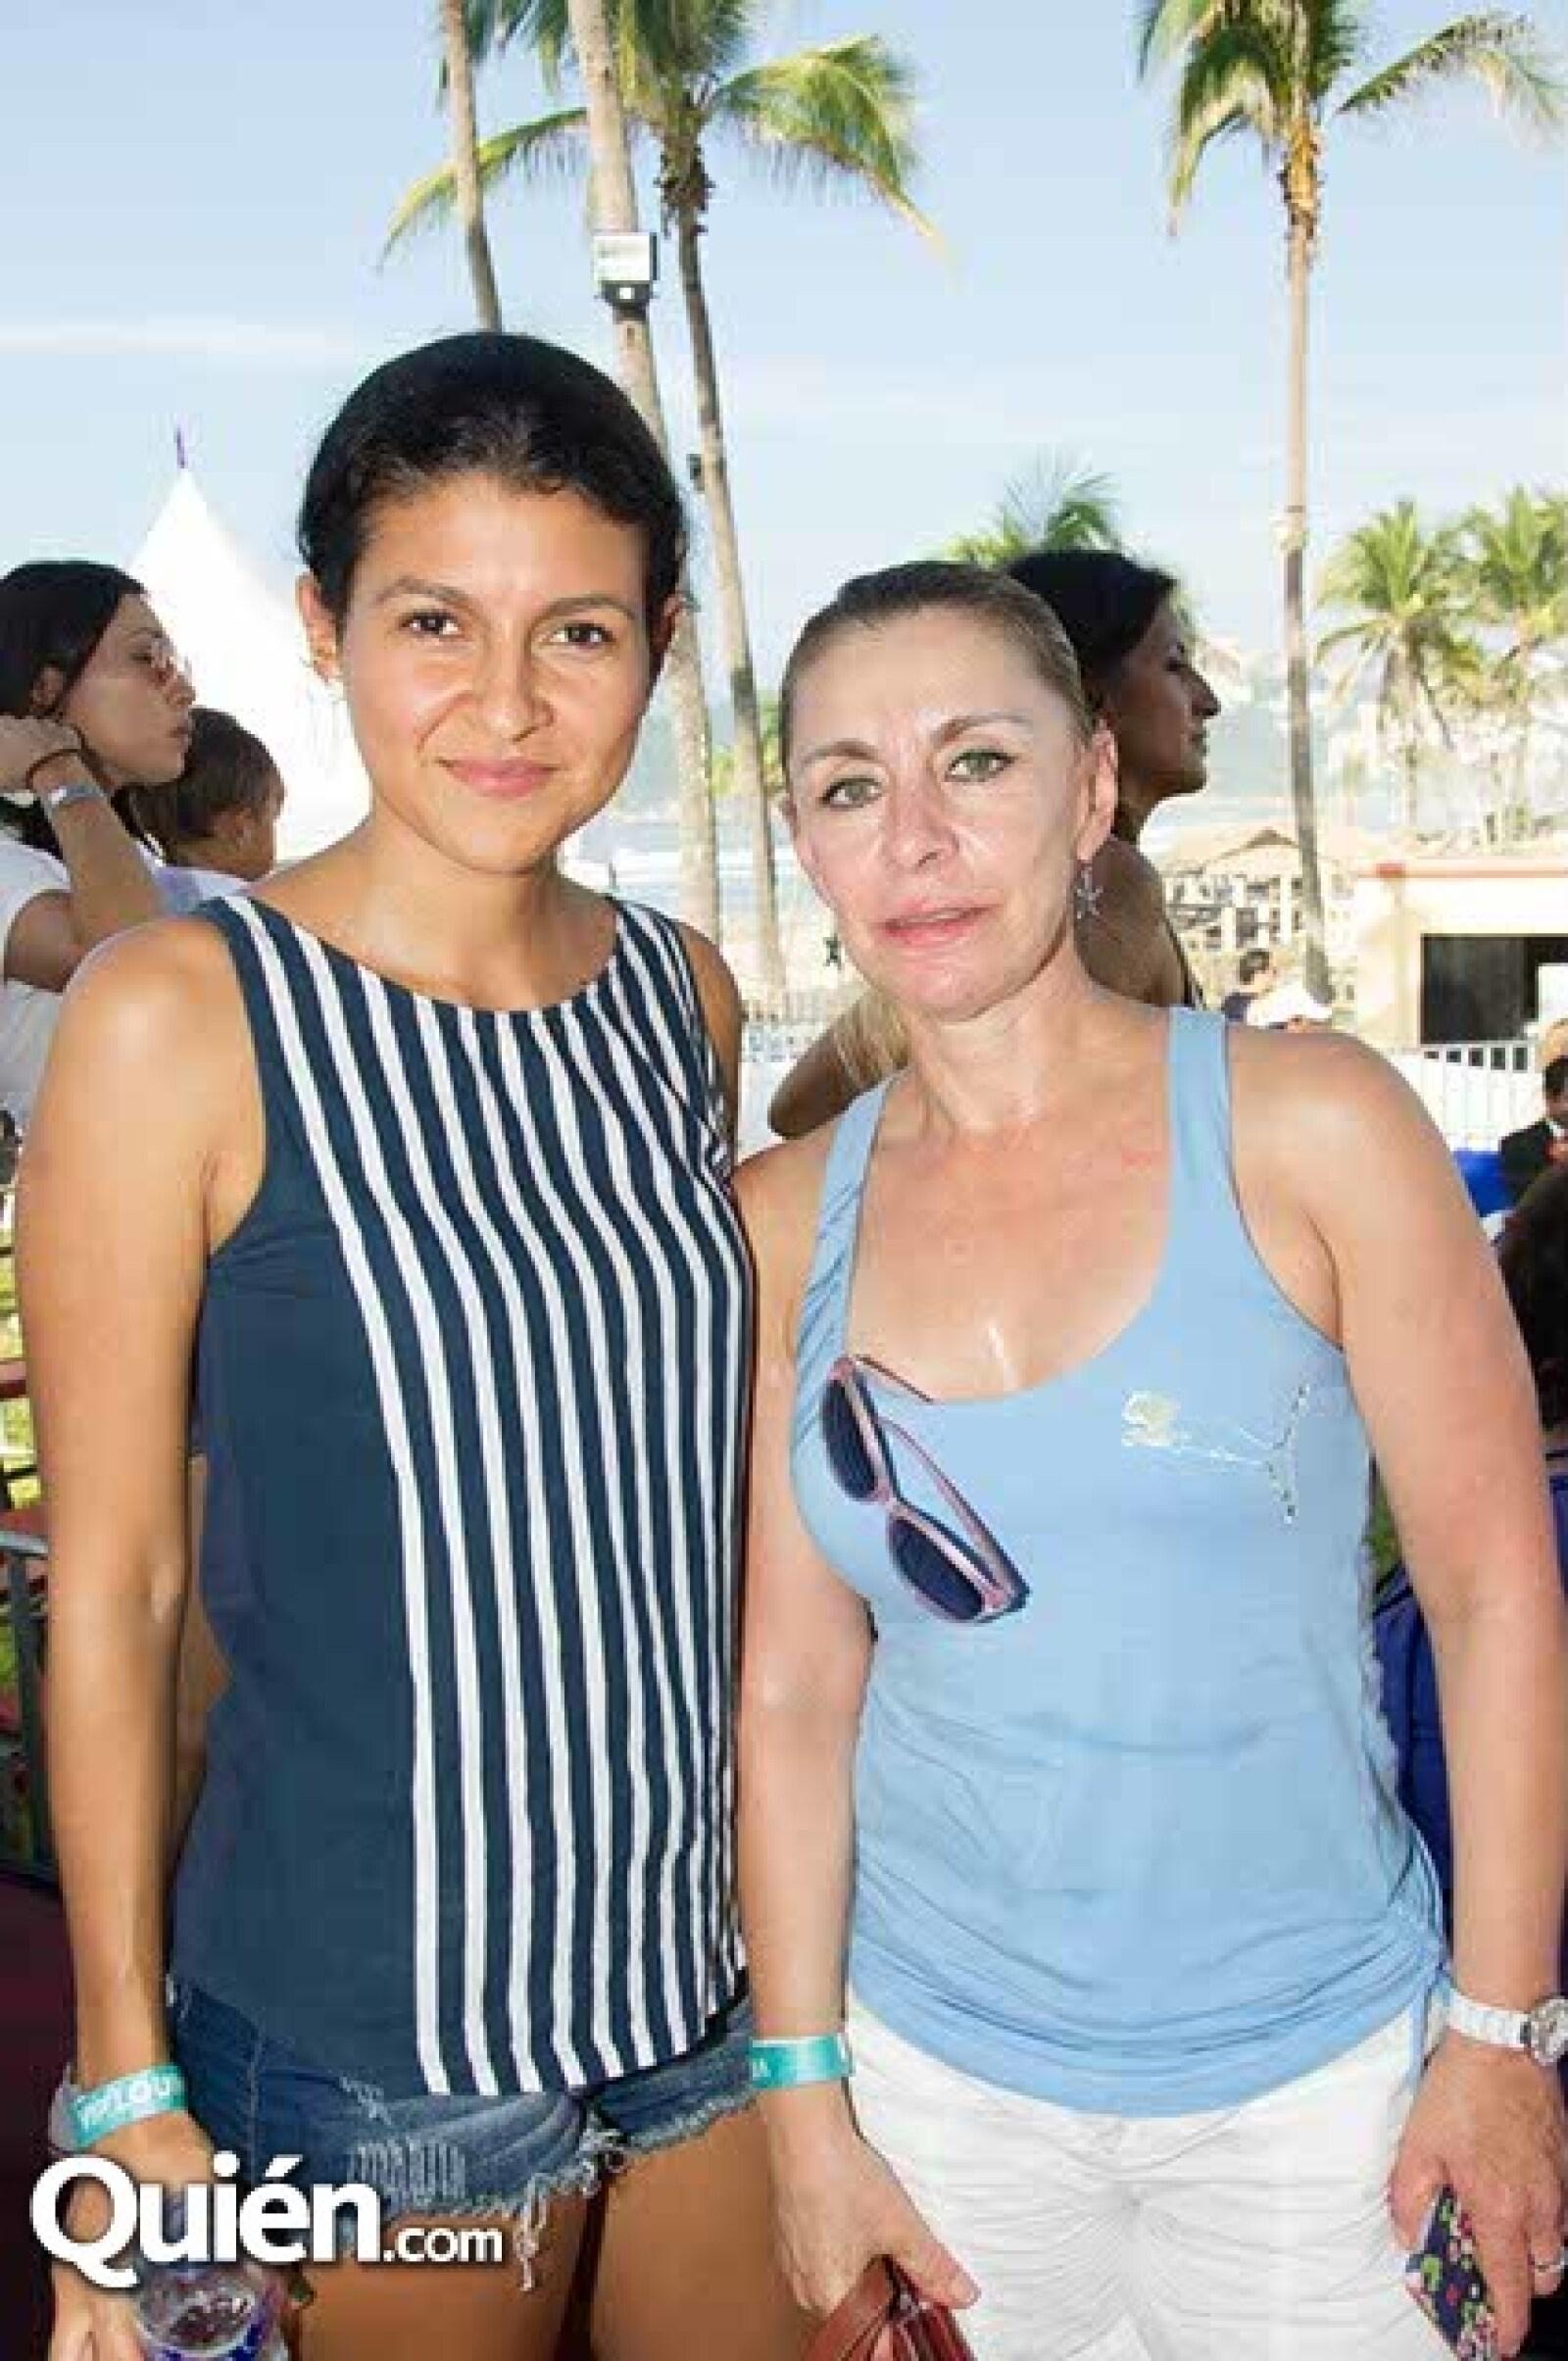 Marilú Sánchez y Blanca Aguilar